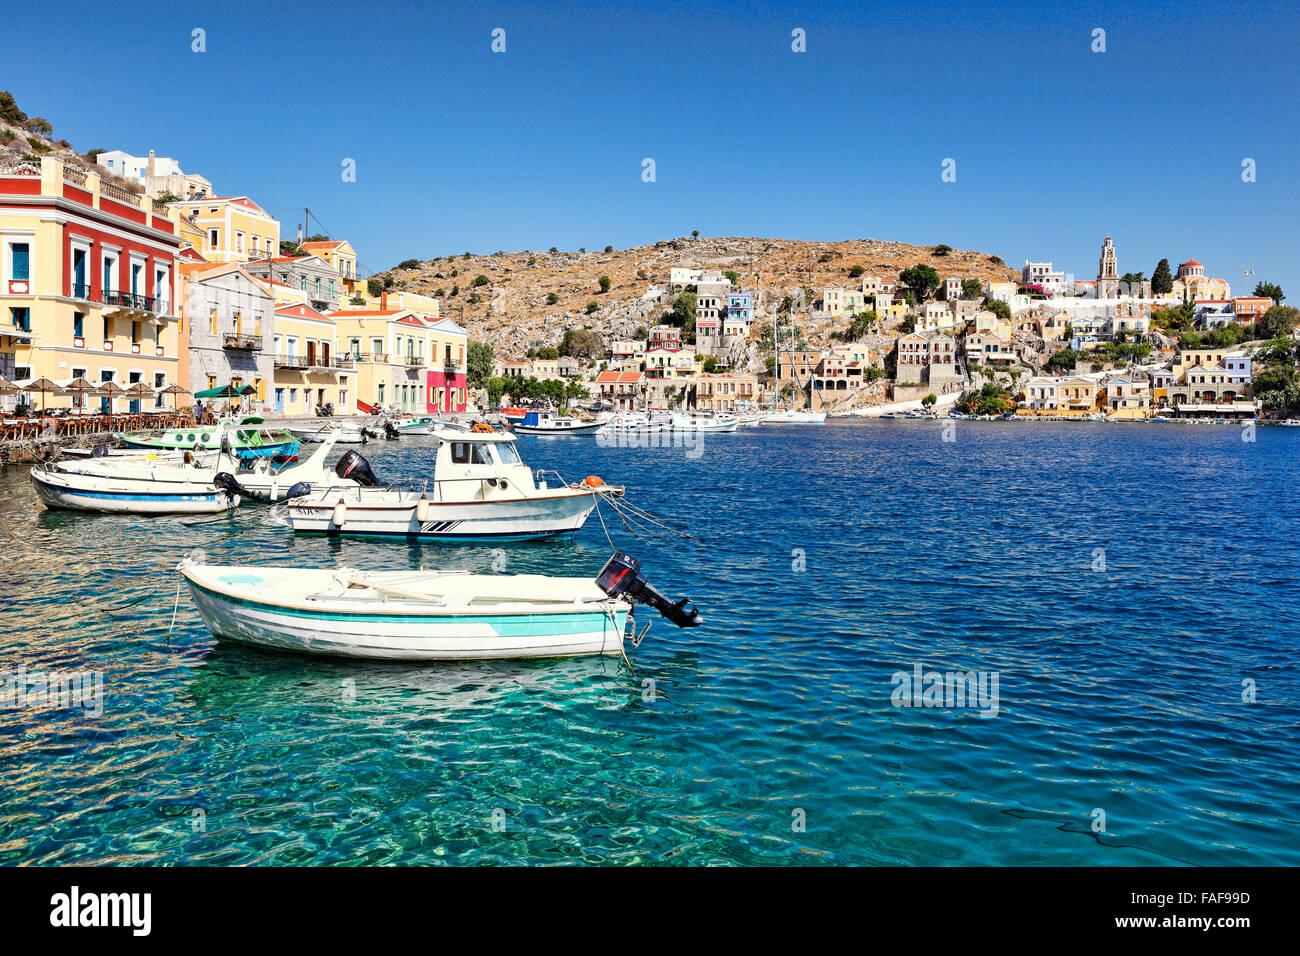 Bateaux de pêche au port de Symi, Grèce Photo Stock